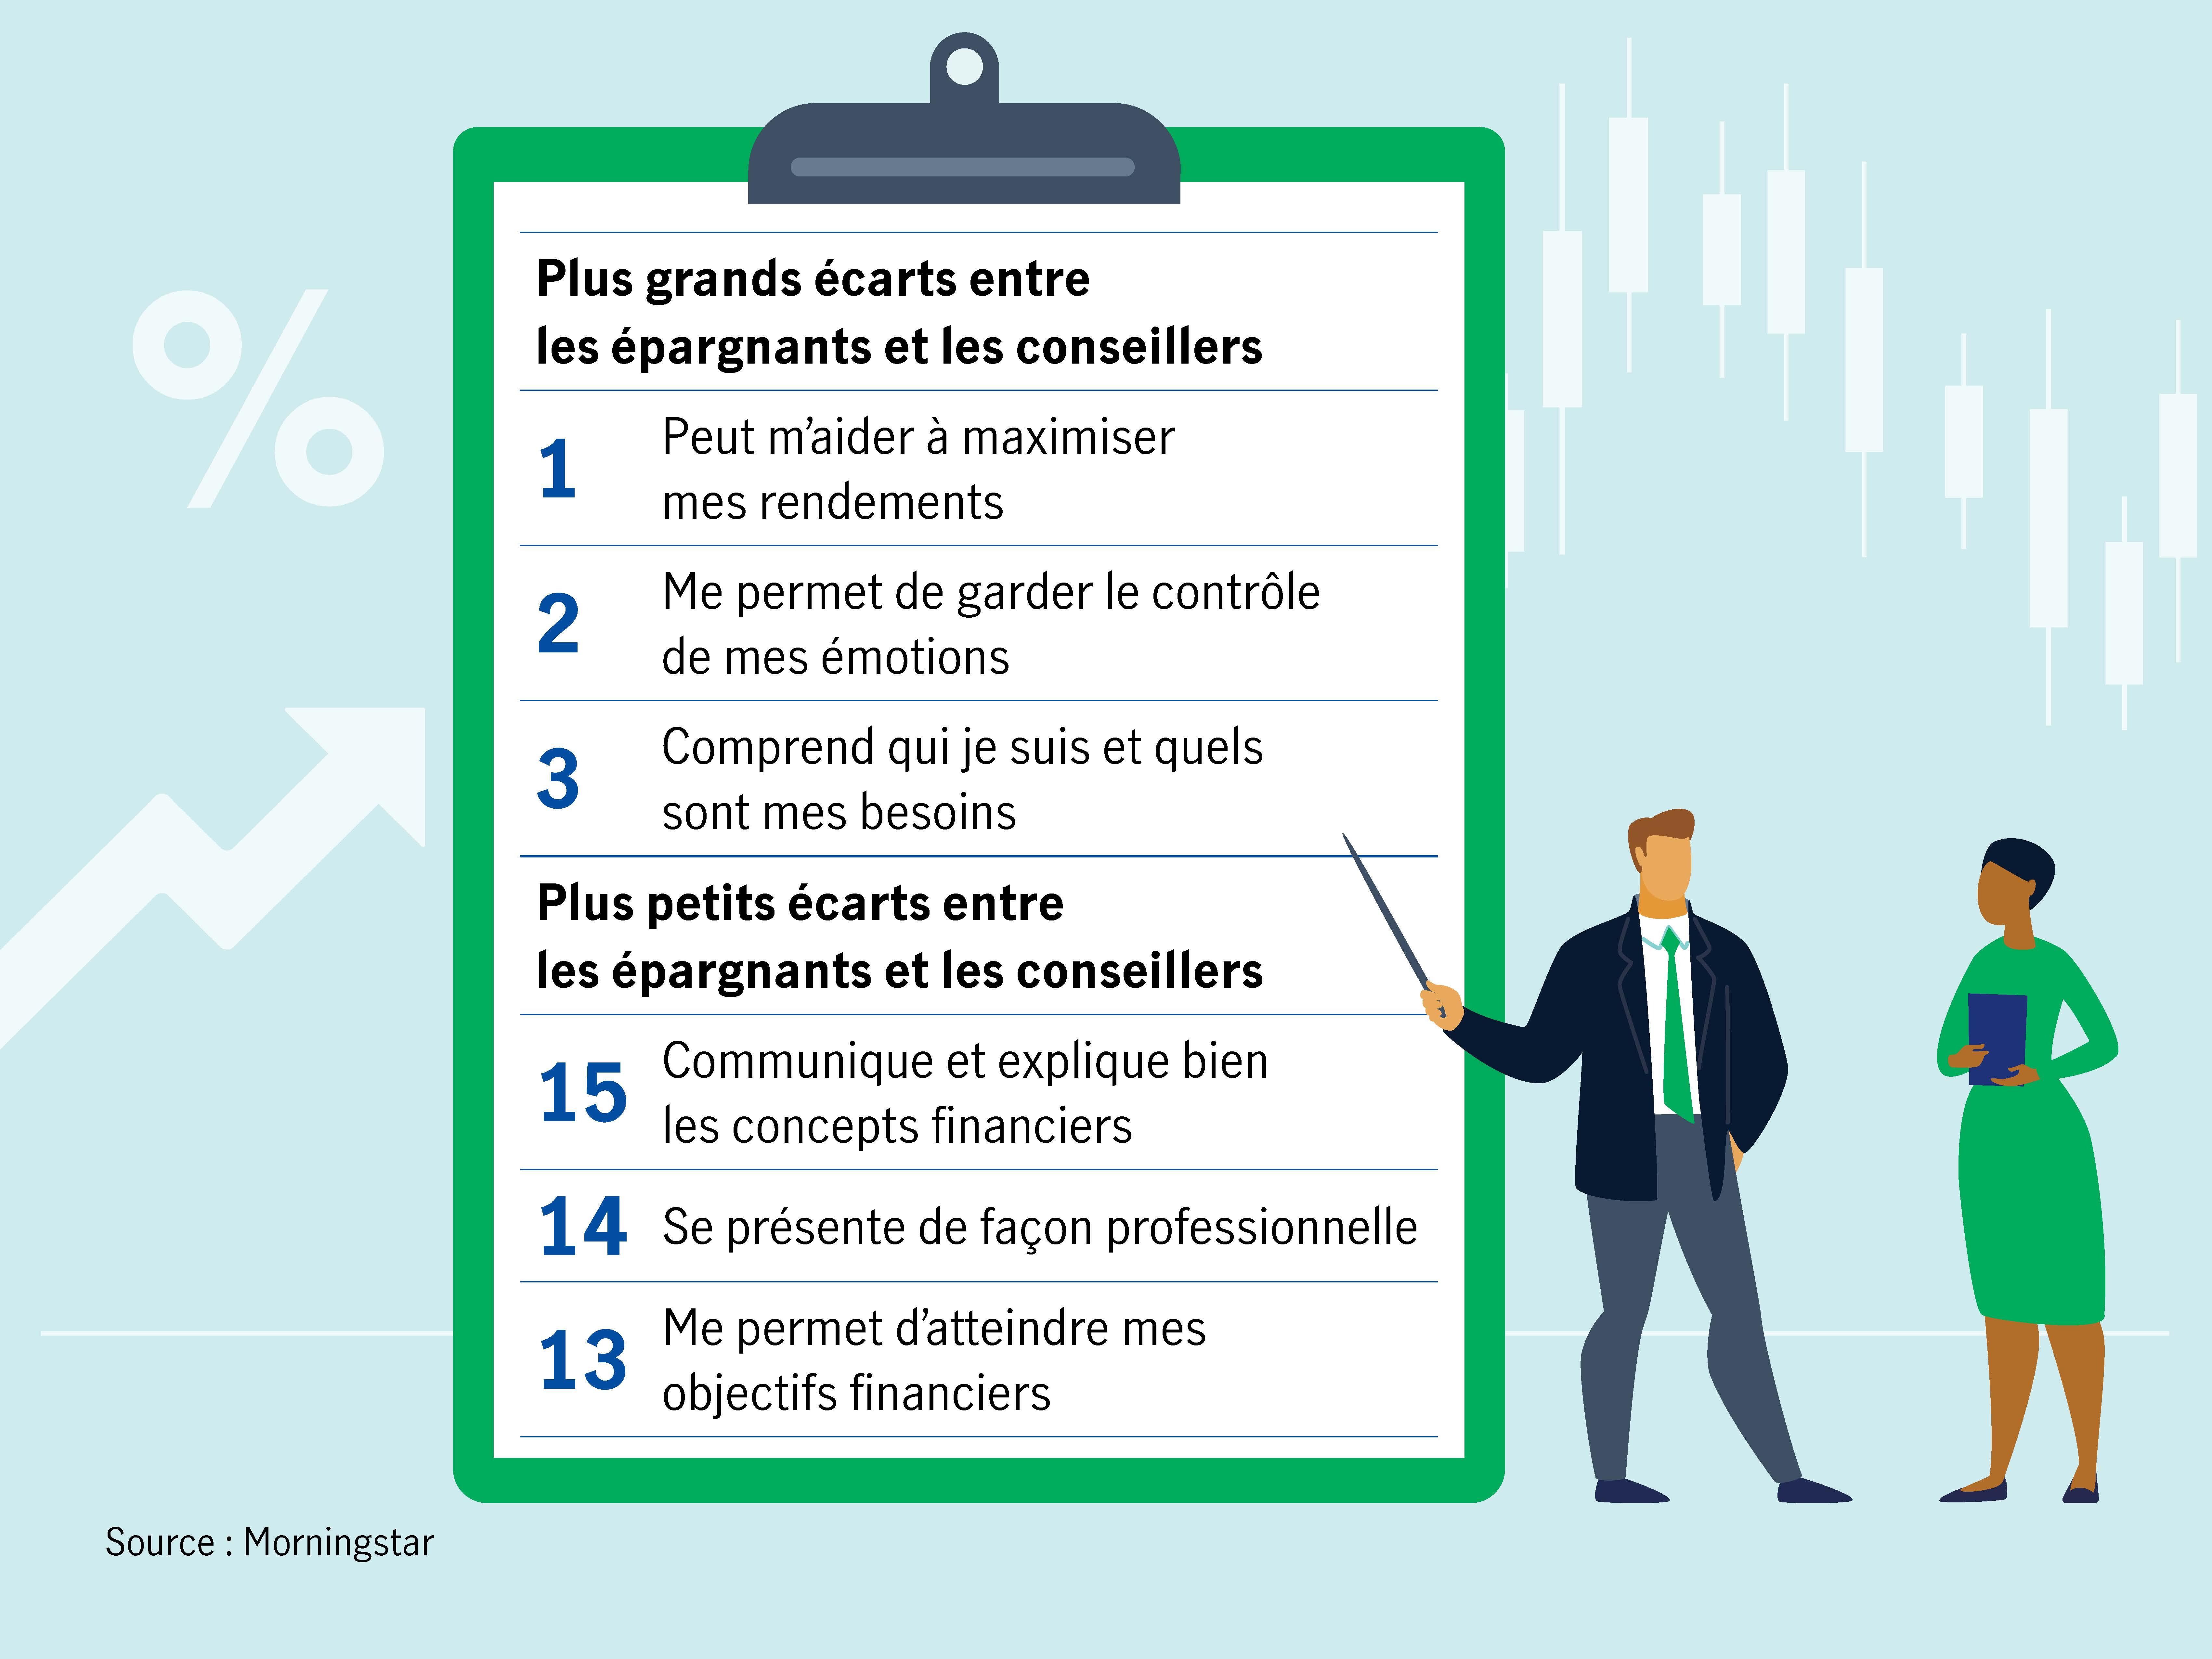 Le tableau ci-dessous montre les attributs que les conseillers et les clients perçoivent de façon similaire, et ceux où leurs opinions divergent le plus.